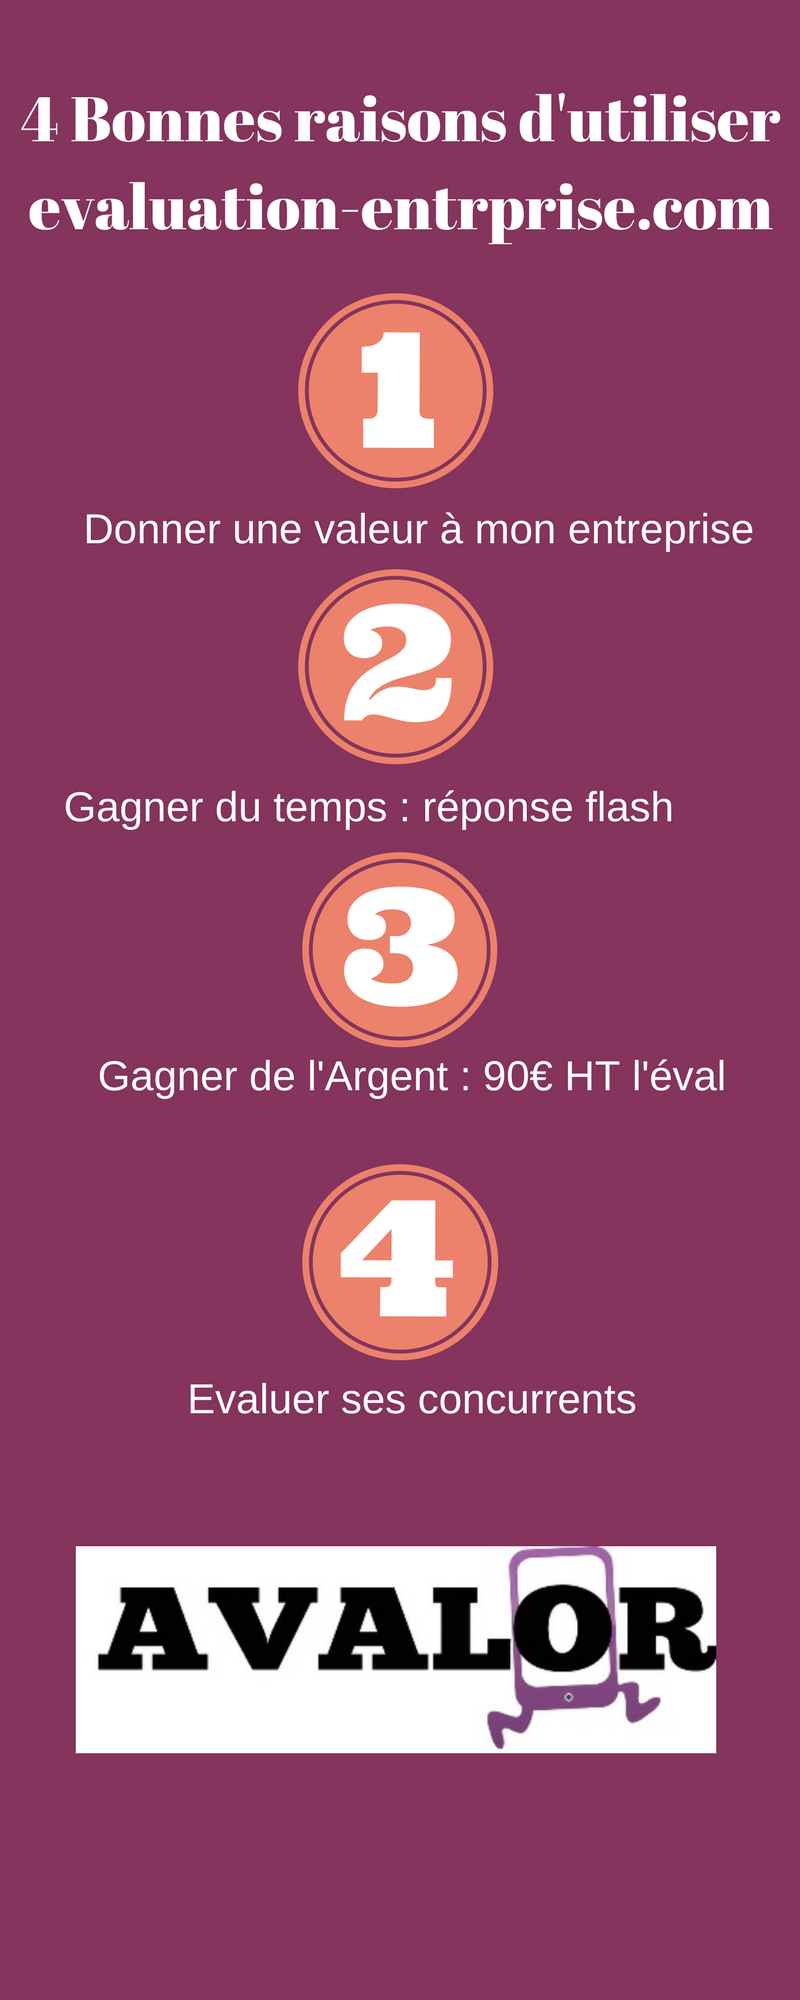 Pourquoi utiliser AVALOR? Evaluation flash d'entreprise pour 90 euros HT